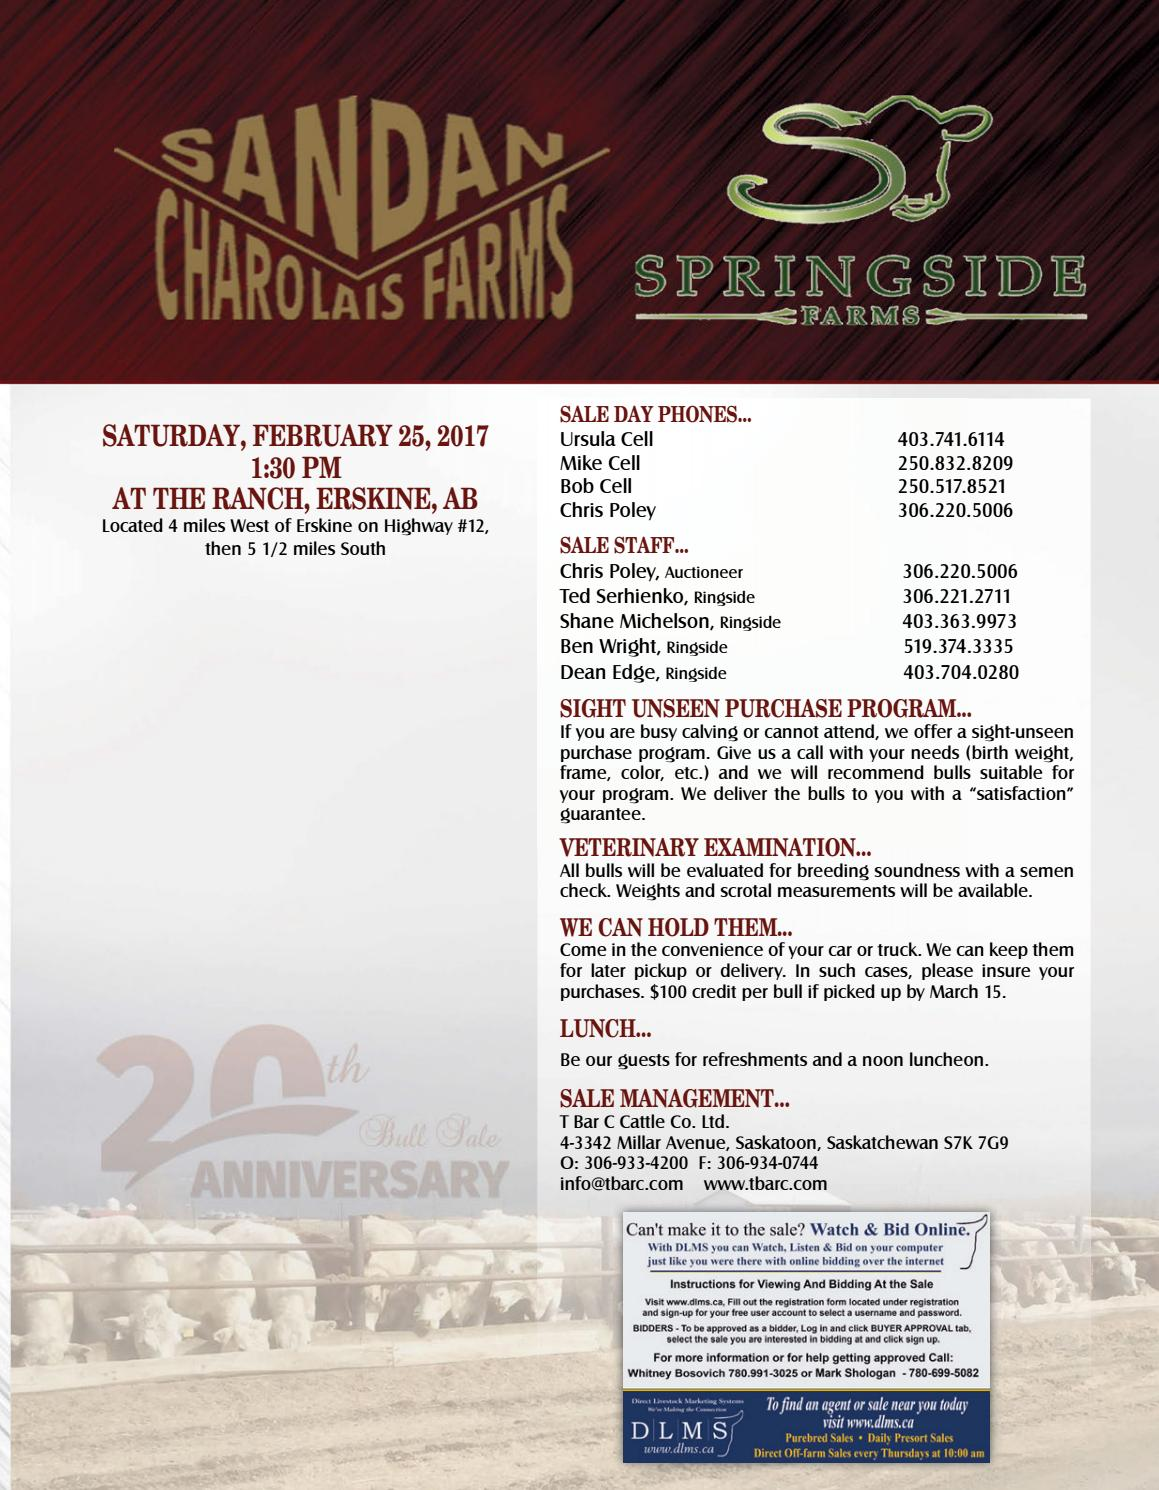 Sandan Charolais & Springside Farms 20th Annual Bull Sale